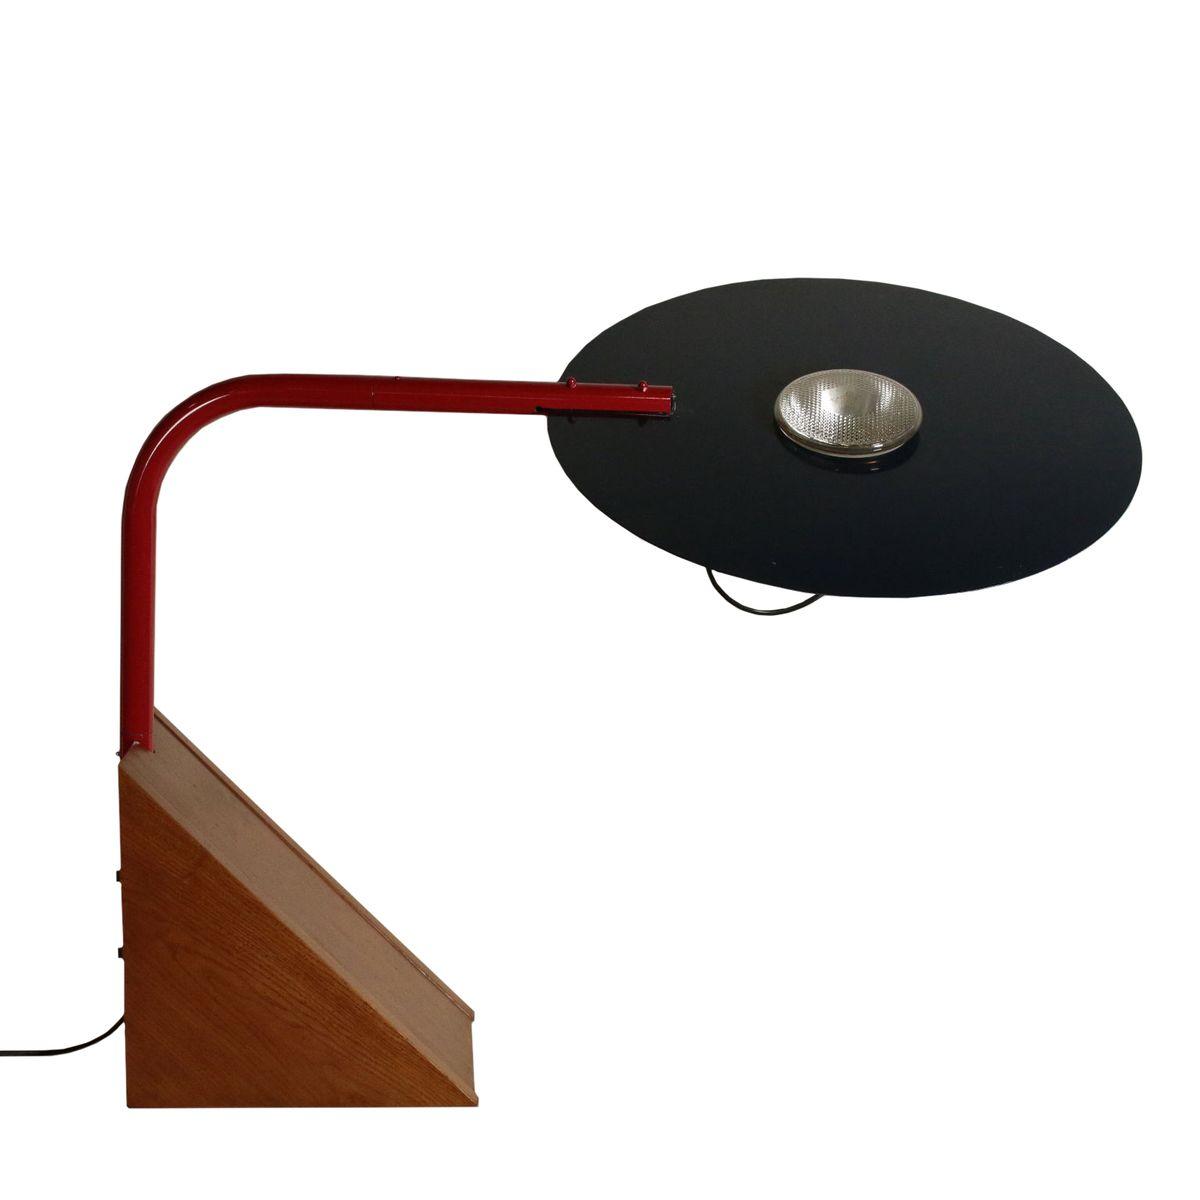 Vintage Spanish Wood, Metal & Aluminium Table Lamp, 1970s